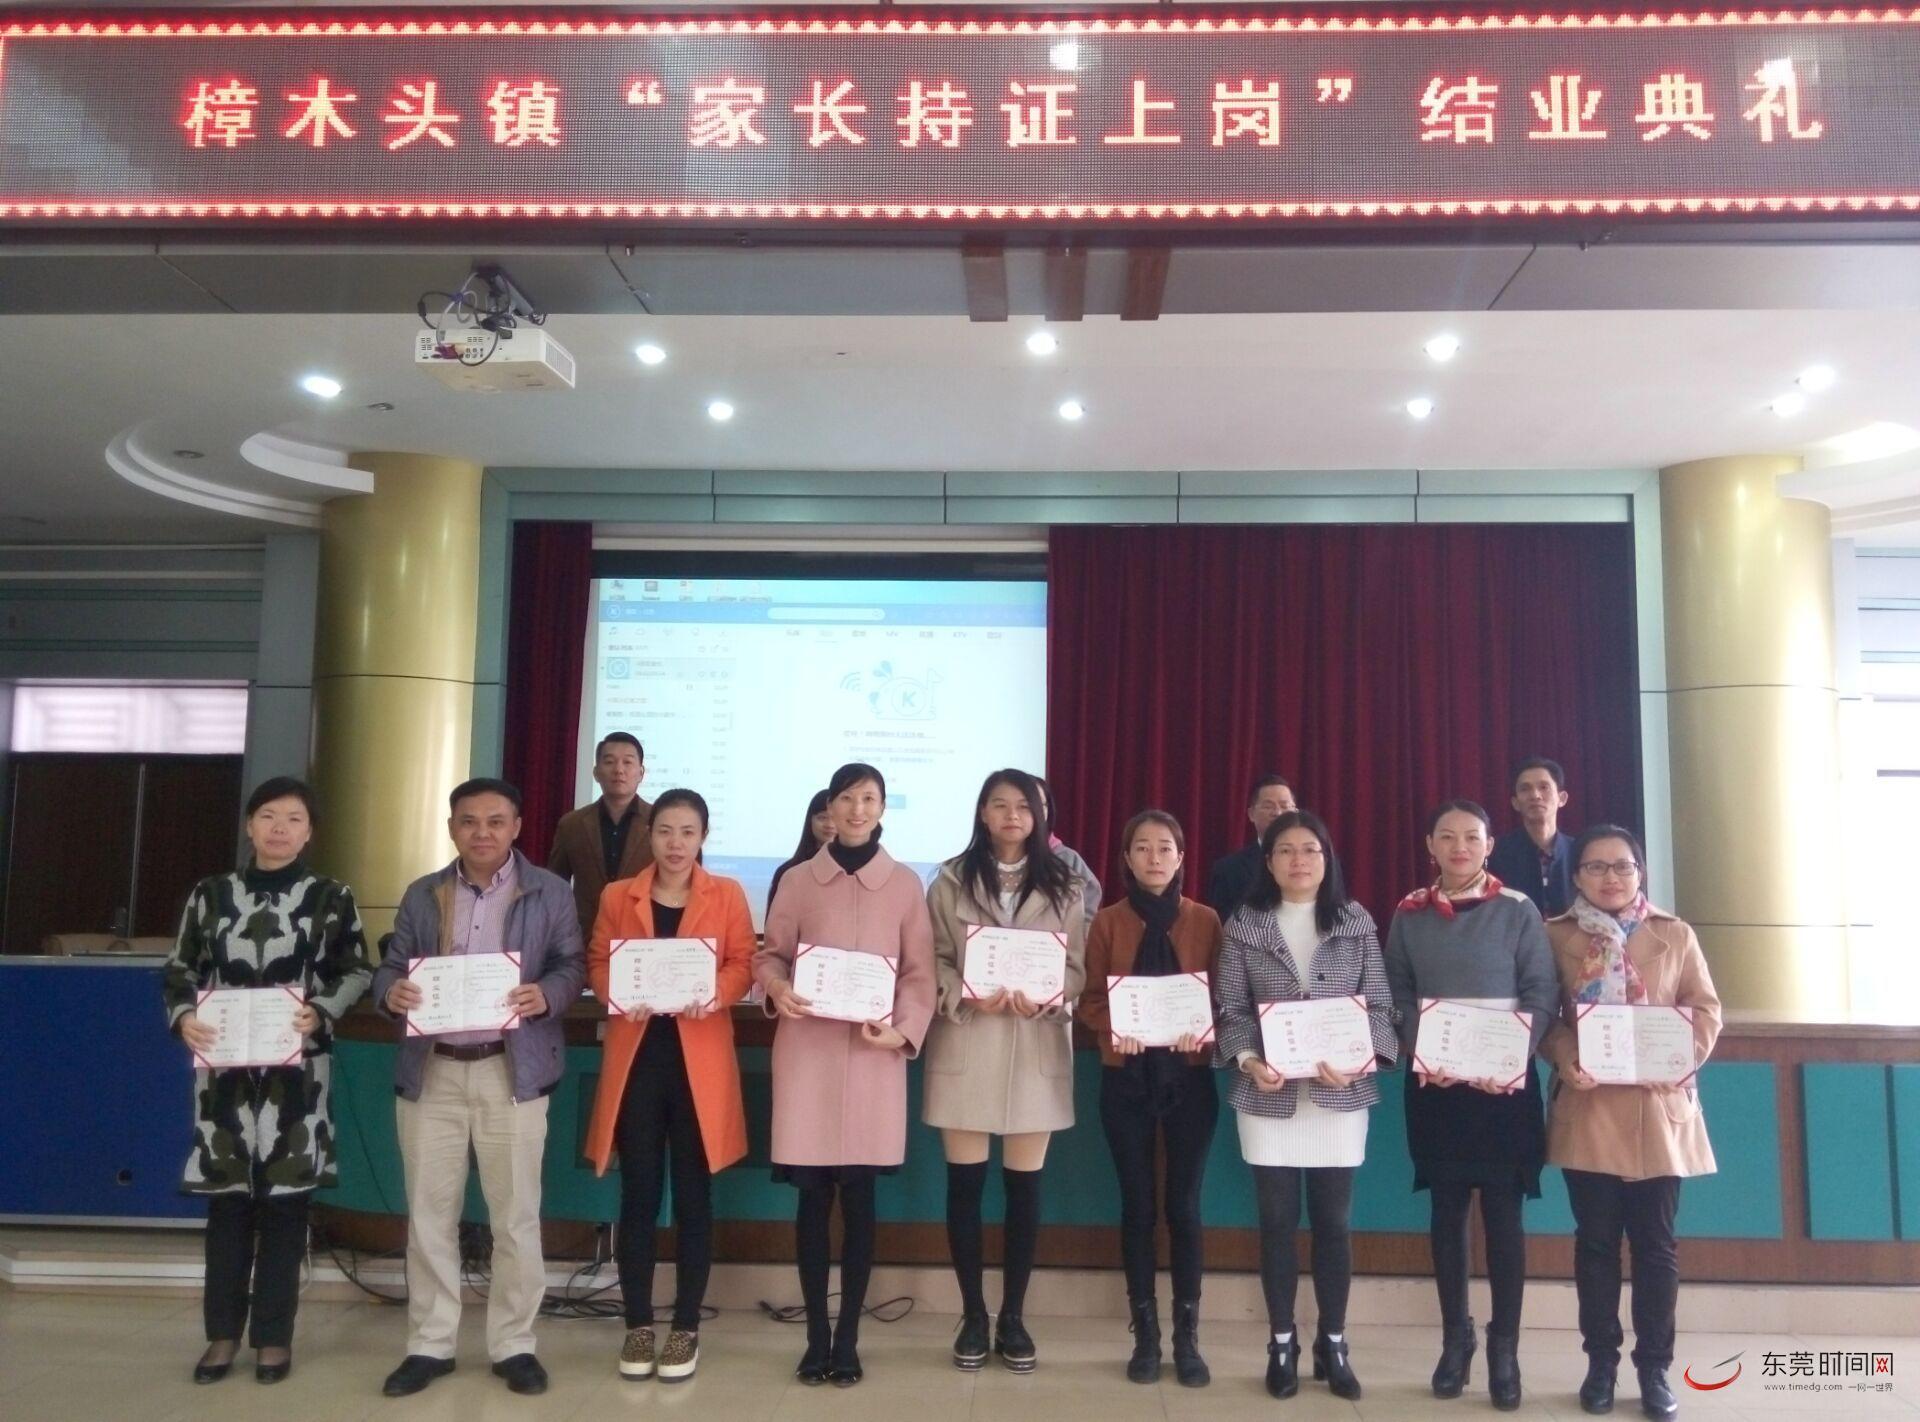 樟木头镇120名家长喜获 合格家长 证书